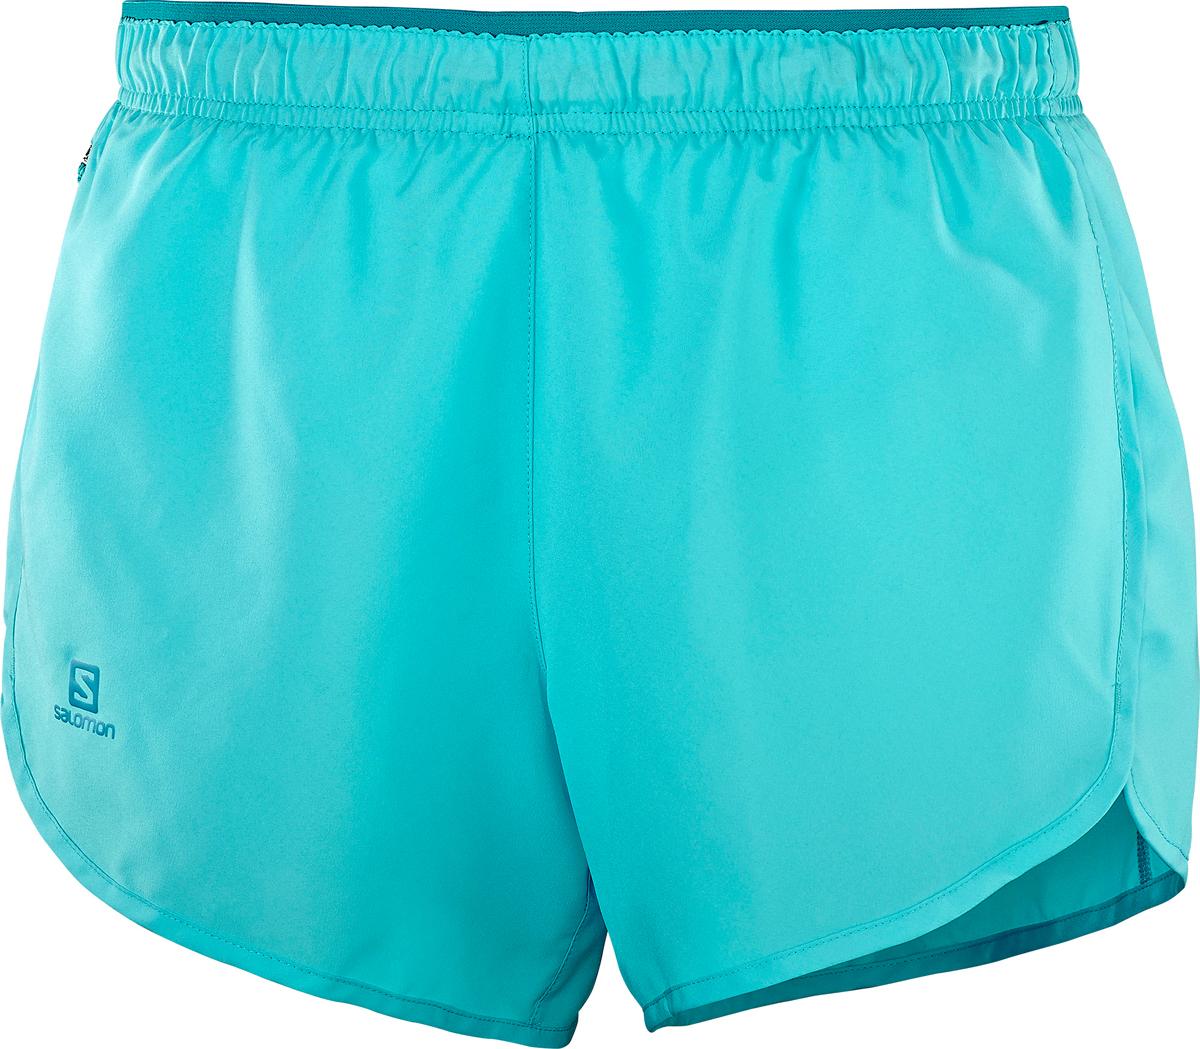 Шорты женские Salomon Agile Short W, цвет: голубой. L40128600. Размер M (46/48)L40128600Укороченные шорты от Salomon выполнены из высококачественного материала. Модель с эластичной резинкой на талии.